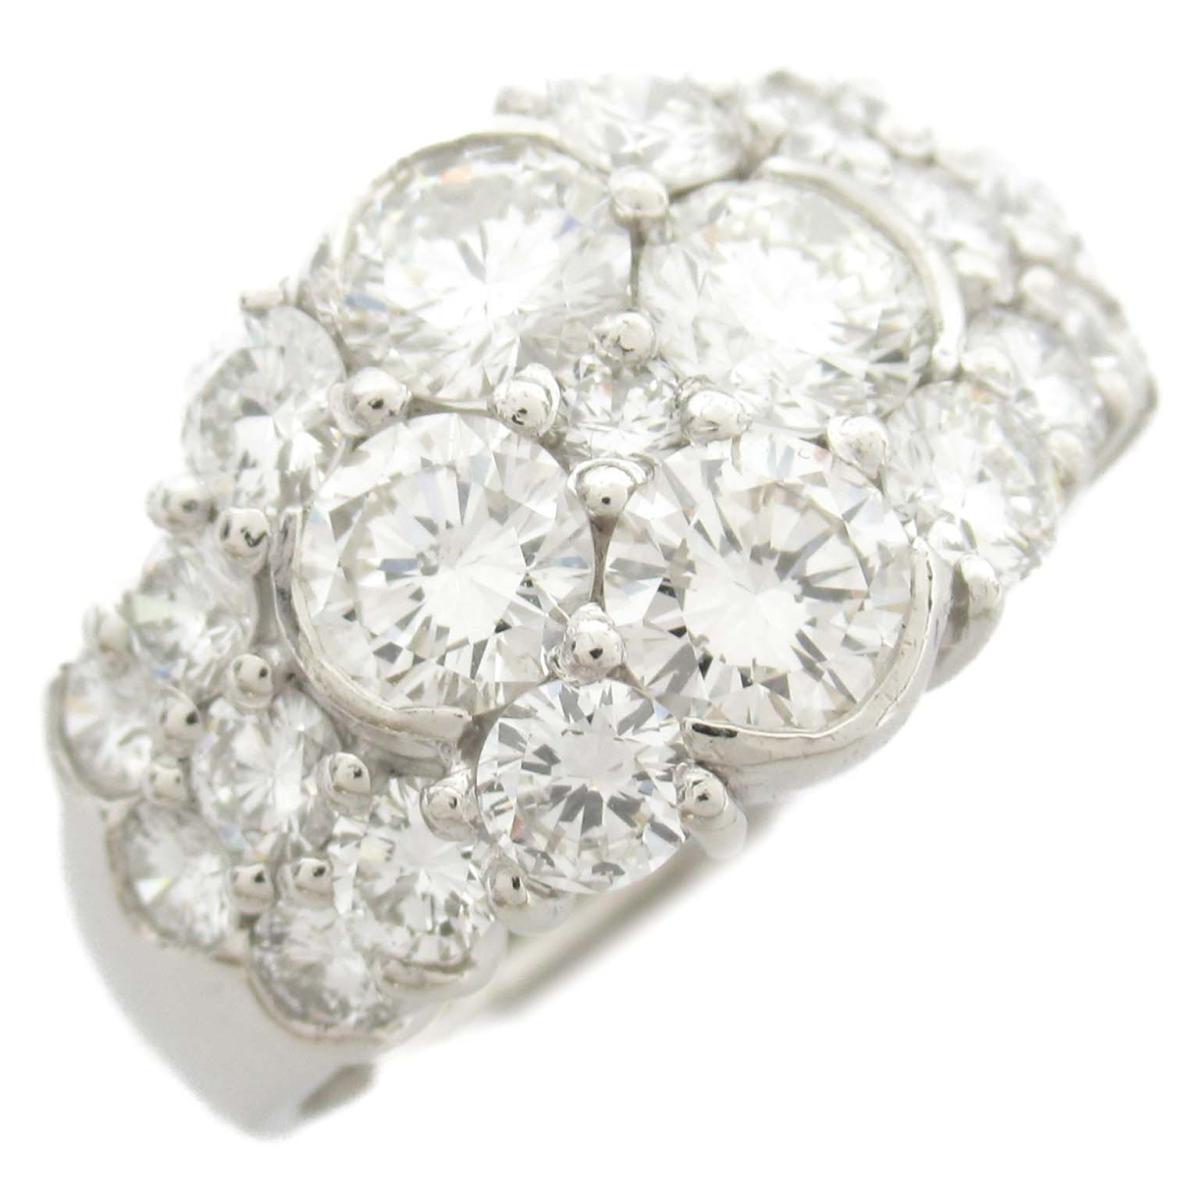 ジュエリー ダイヤモンド リング 指輪 ノーブランドジュエリー レディース PT900 プラチナ x ダイヤモンド0.50ct 【中古】 | JEWELRY BRANDOFF ブランドオフ アクセサリー